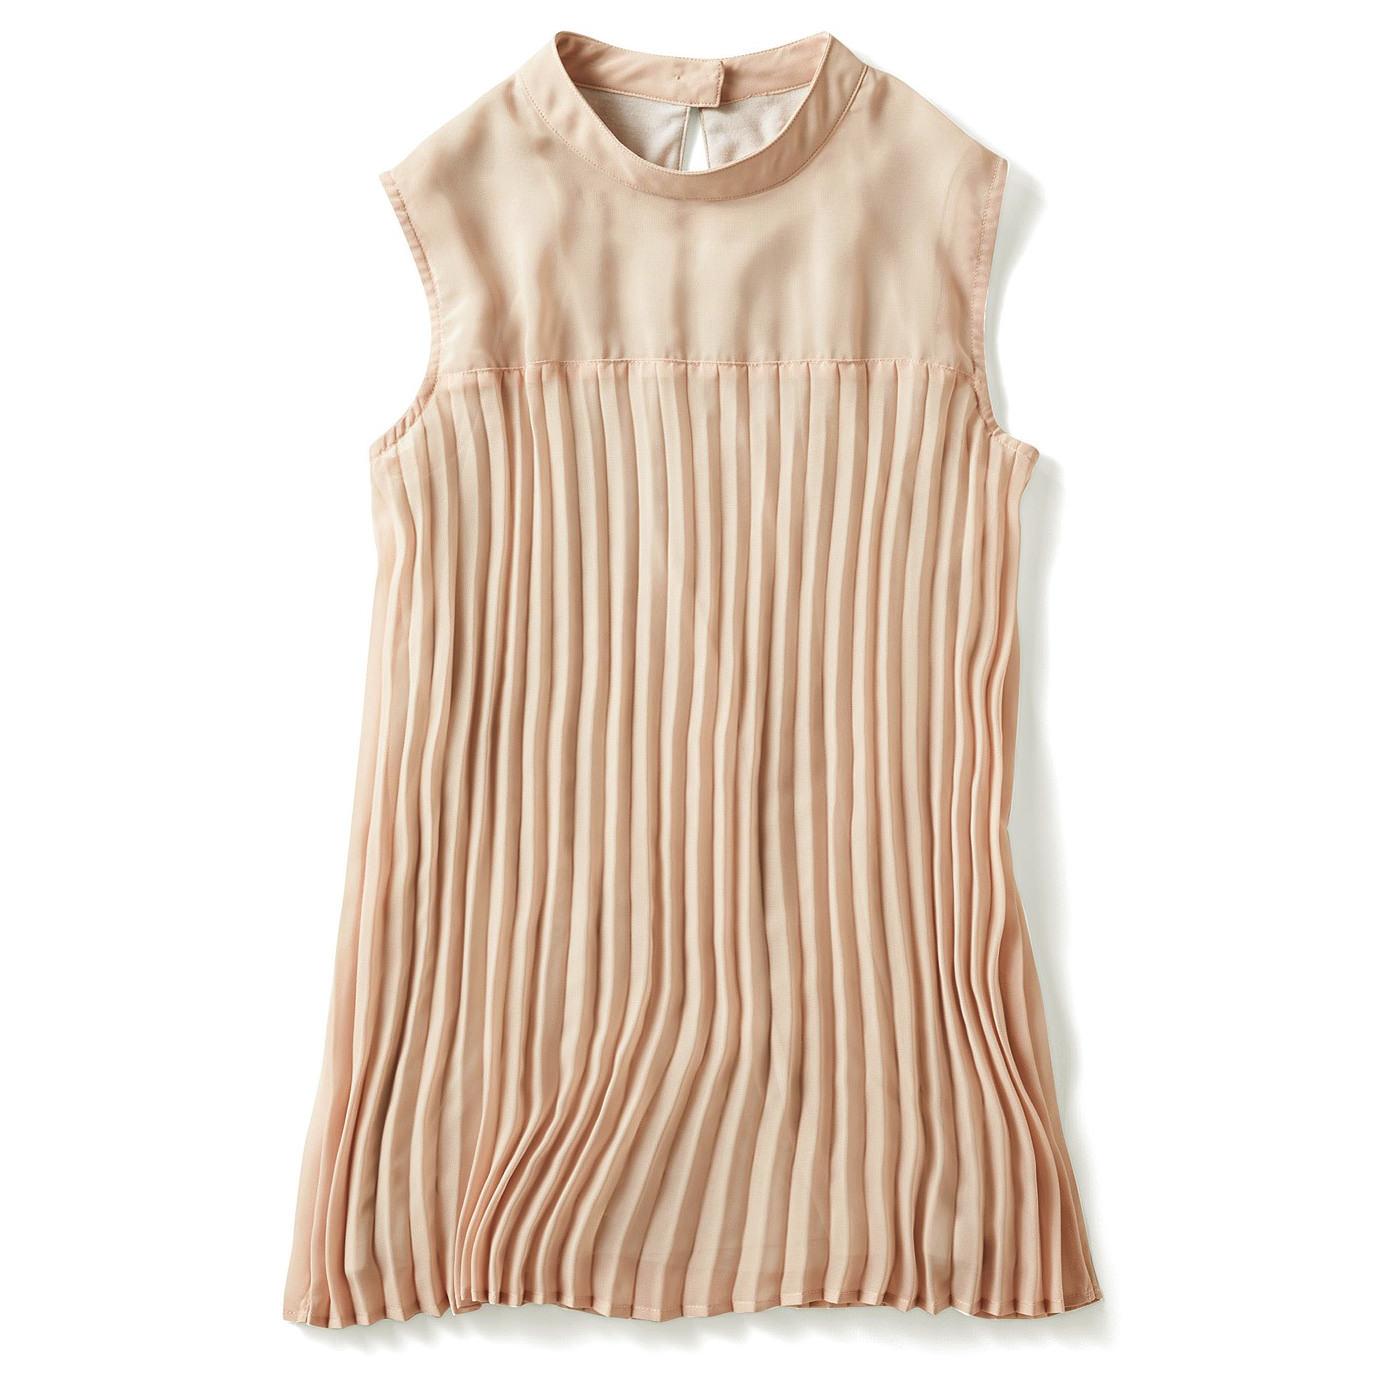 ミルブロウズ カットソー裏地付きで Tシャツ感覚で着られる ノースリーブプリーツブラウス〈ベージュ〉